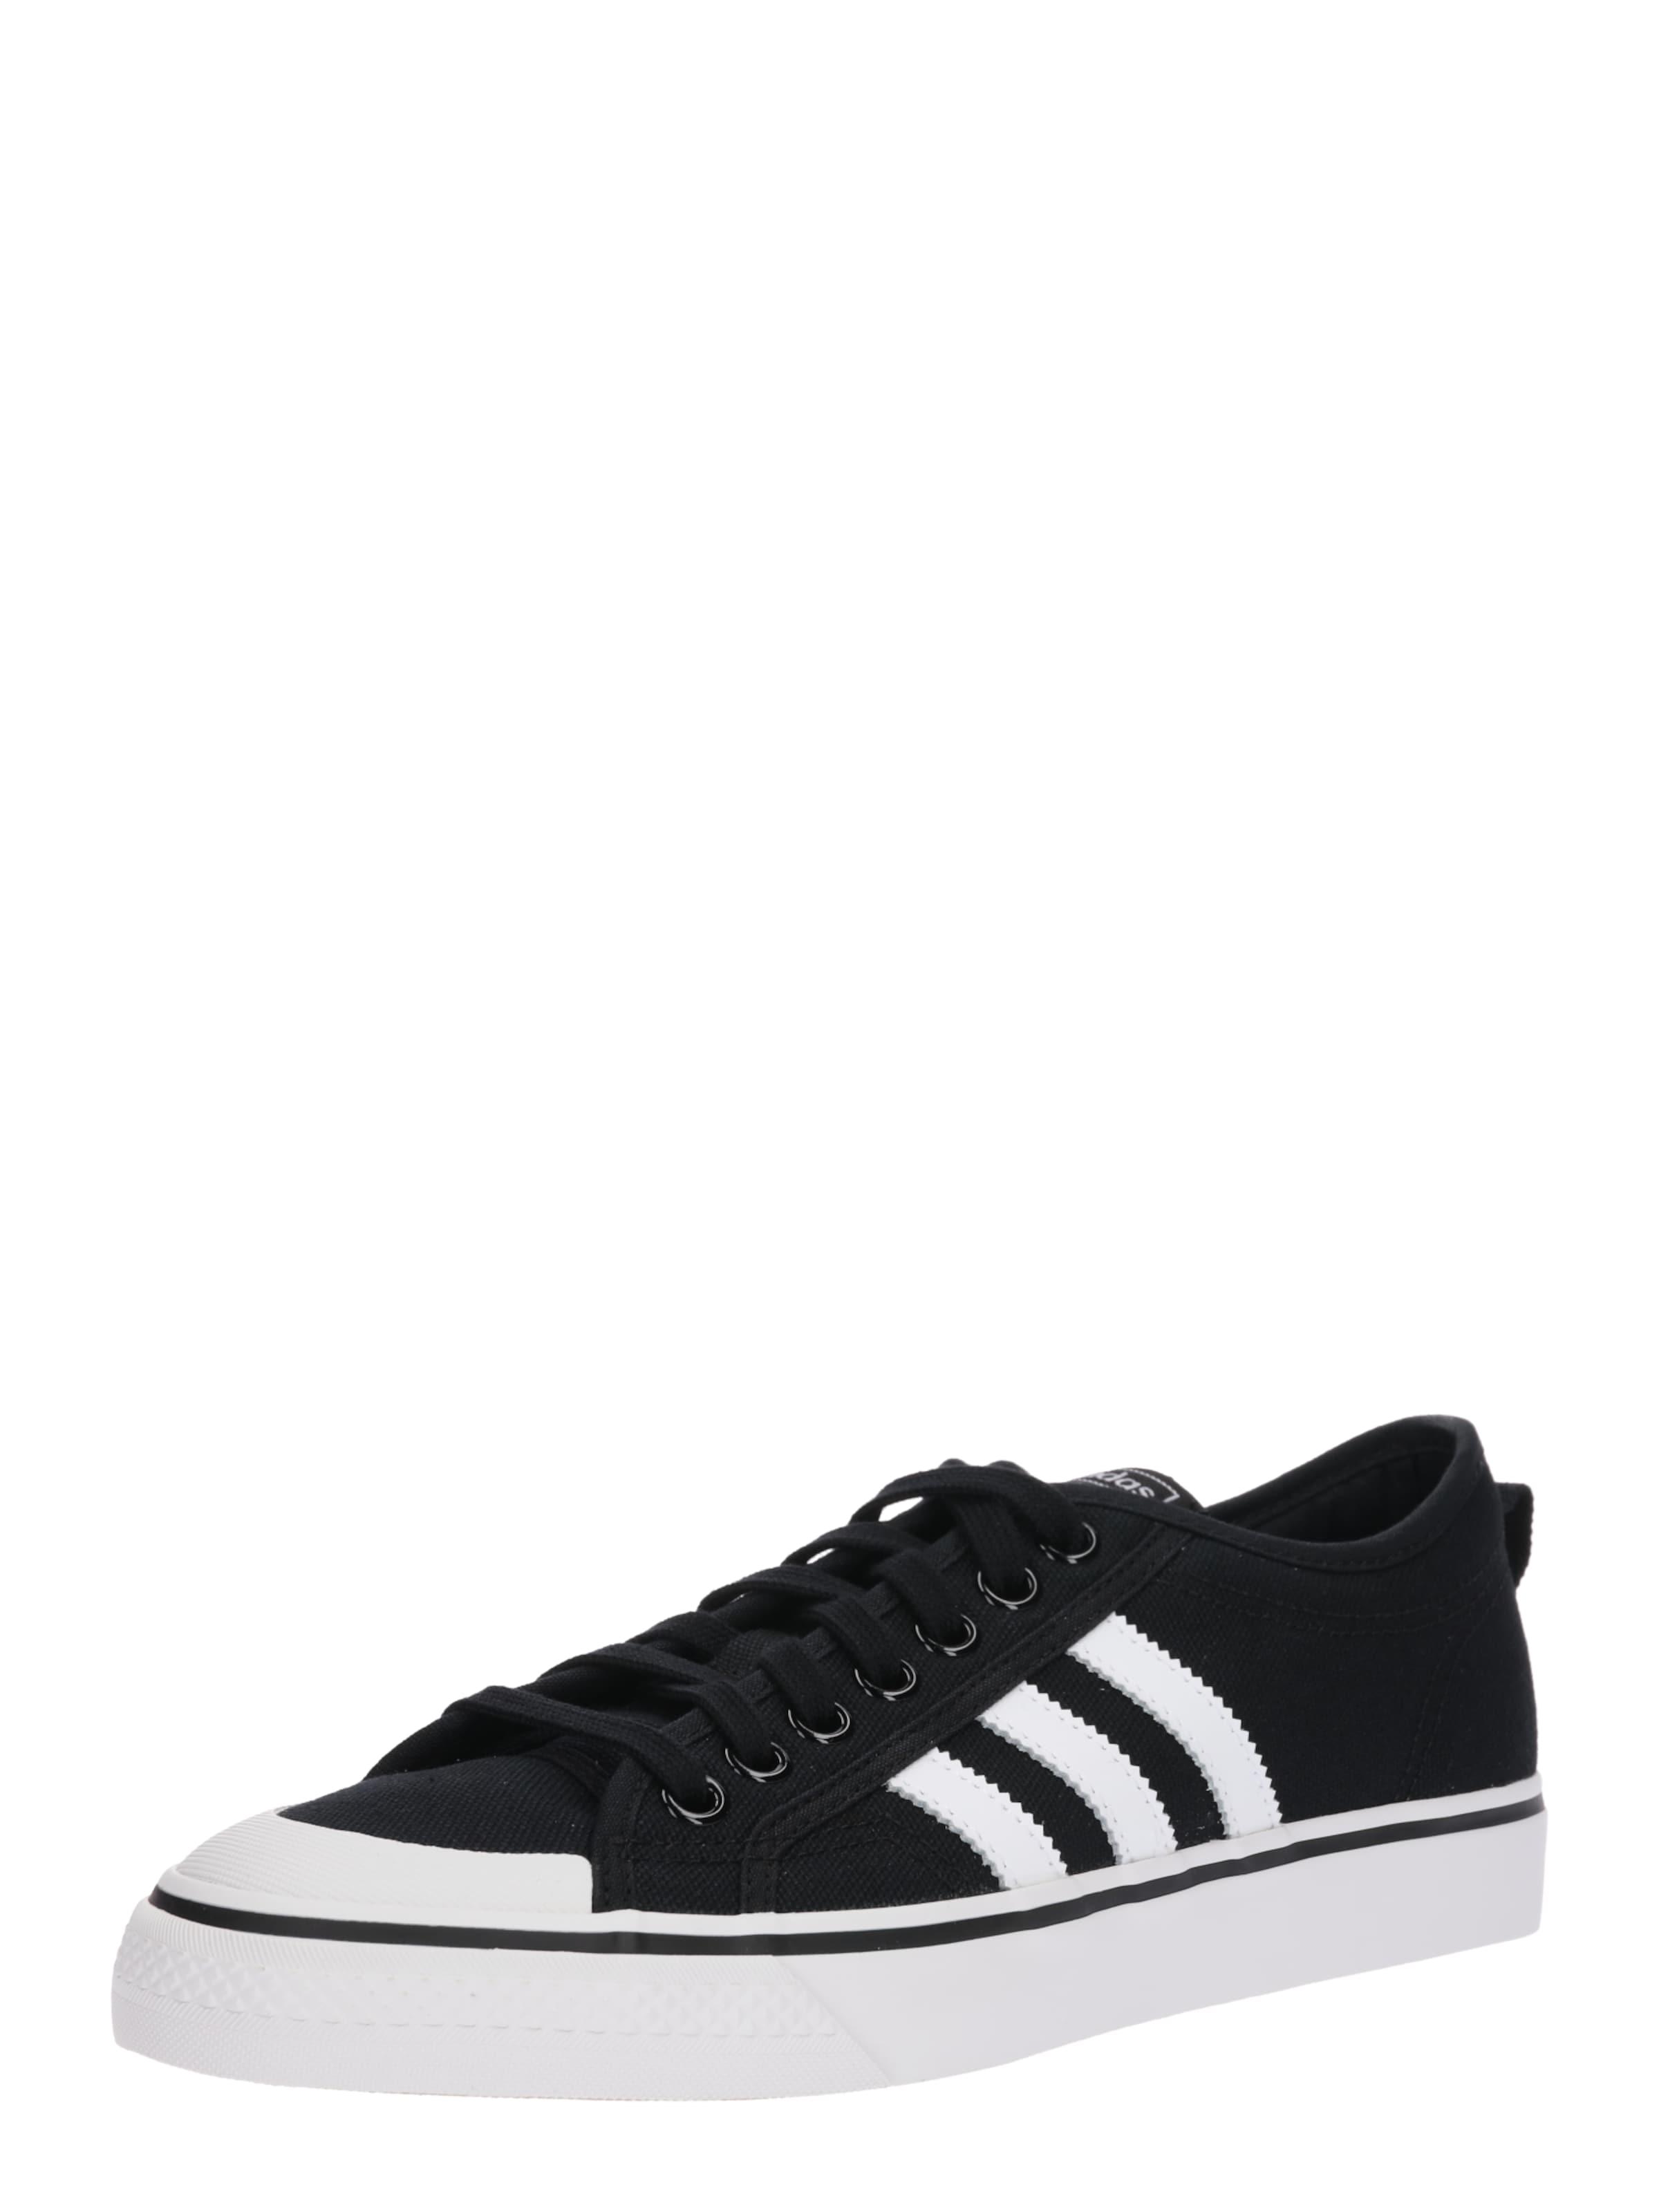 Haltbare Mode billige Schuhe ADIDAS ORIGINALS | Sneaker 'NIZZA' 'NIZZA' 'NIZZA' Schuhe Gut getragene Schuhe 331074